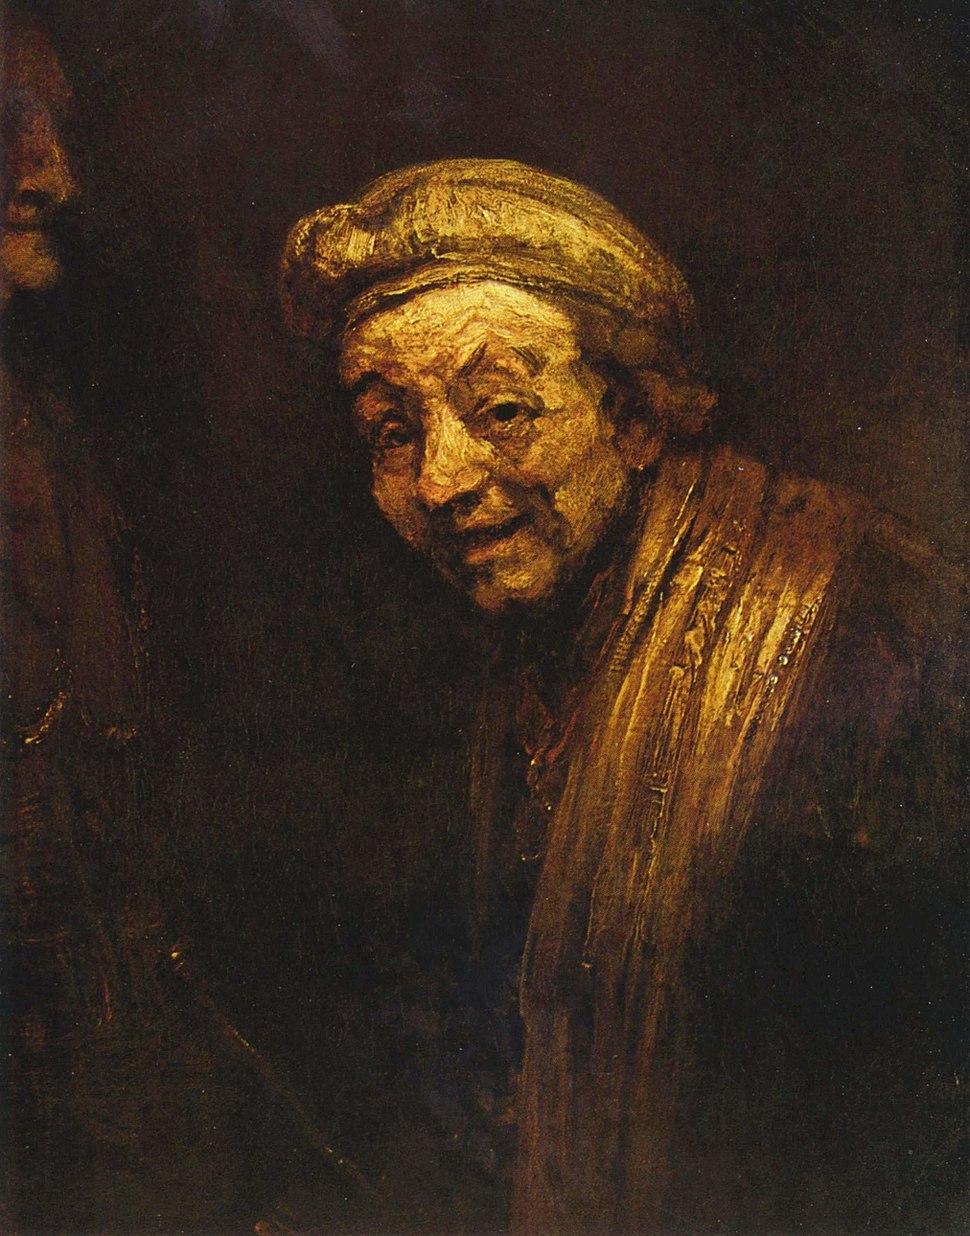 Rembrandt Harmensz. van Rijn 142